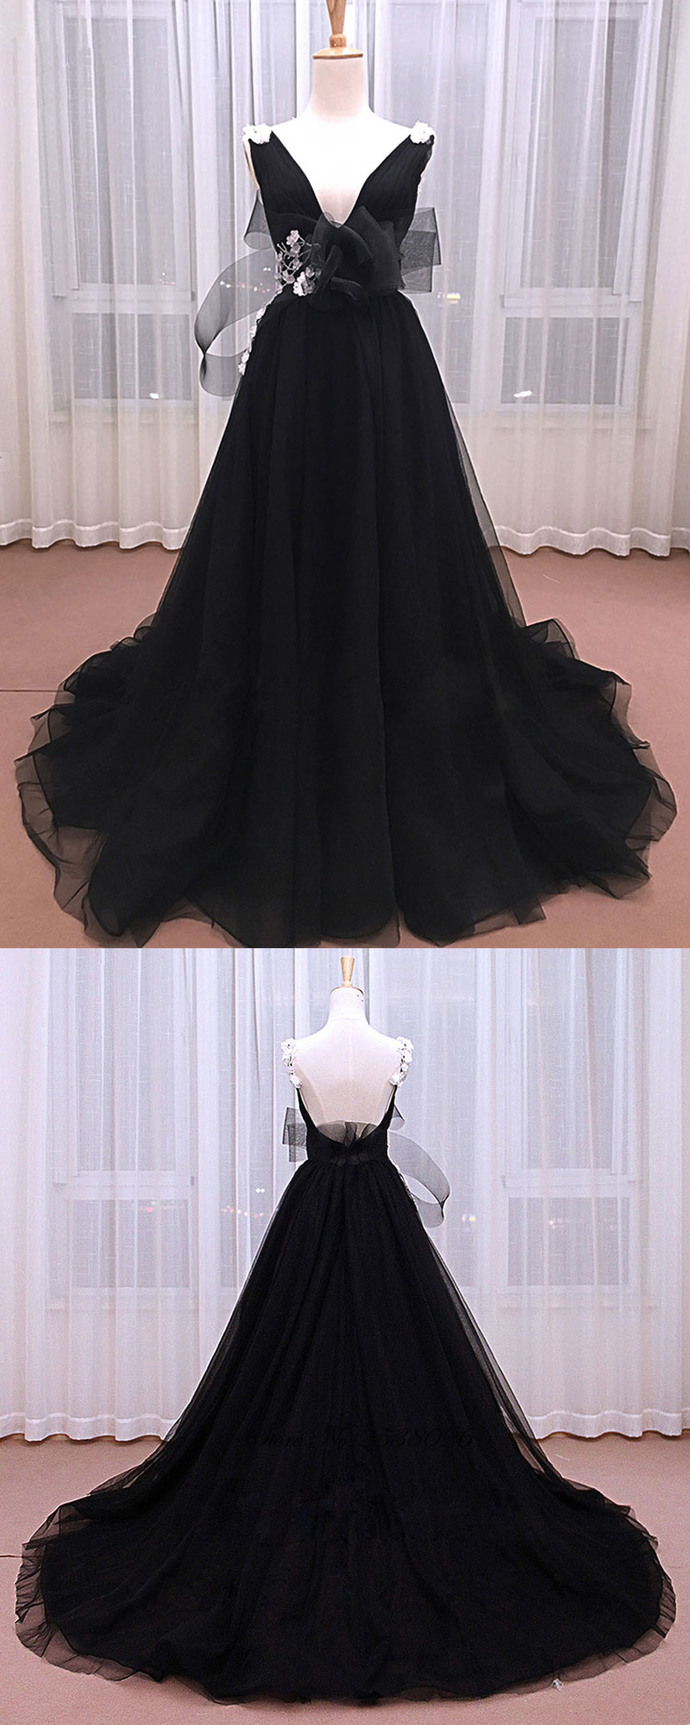 Unique Black Tulle V Neck Long Senior Prom Dress With White Lace Applique BD2478